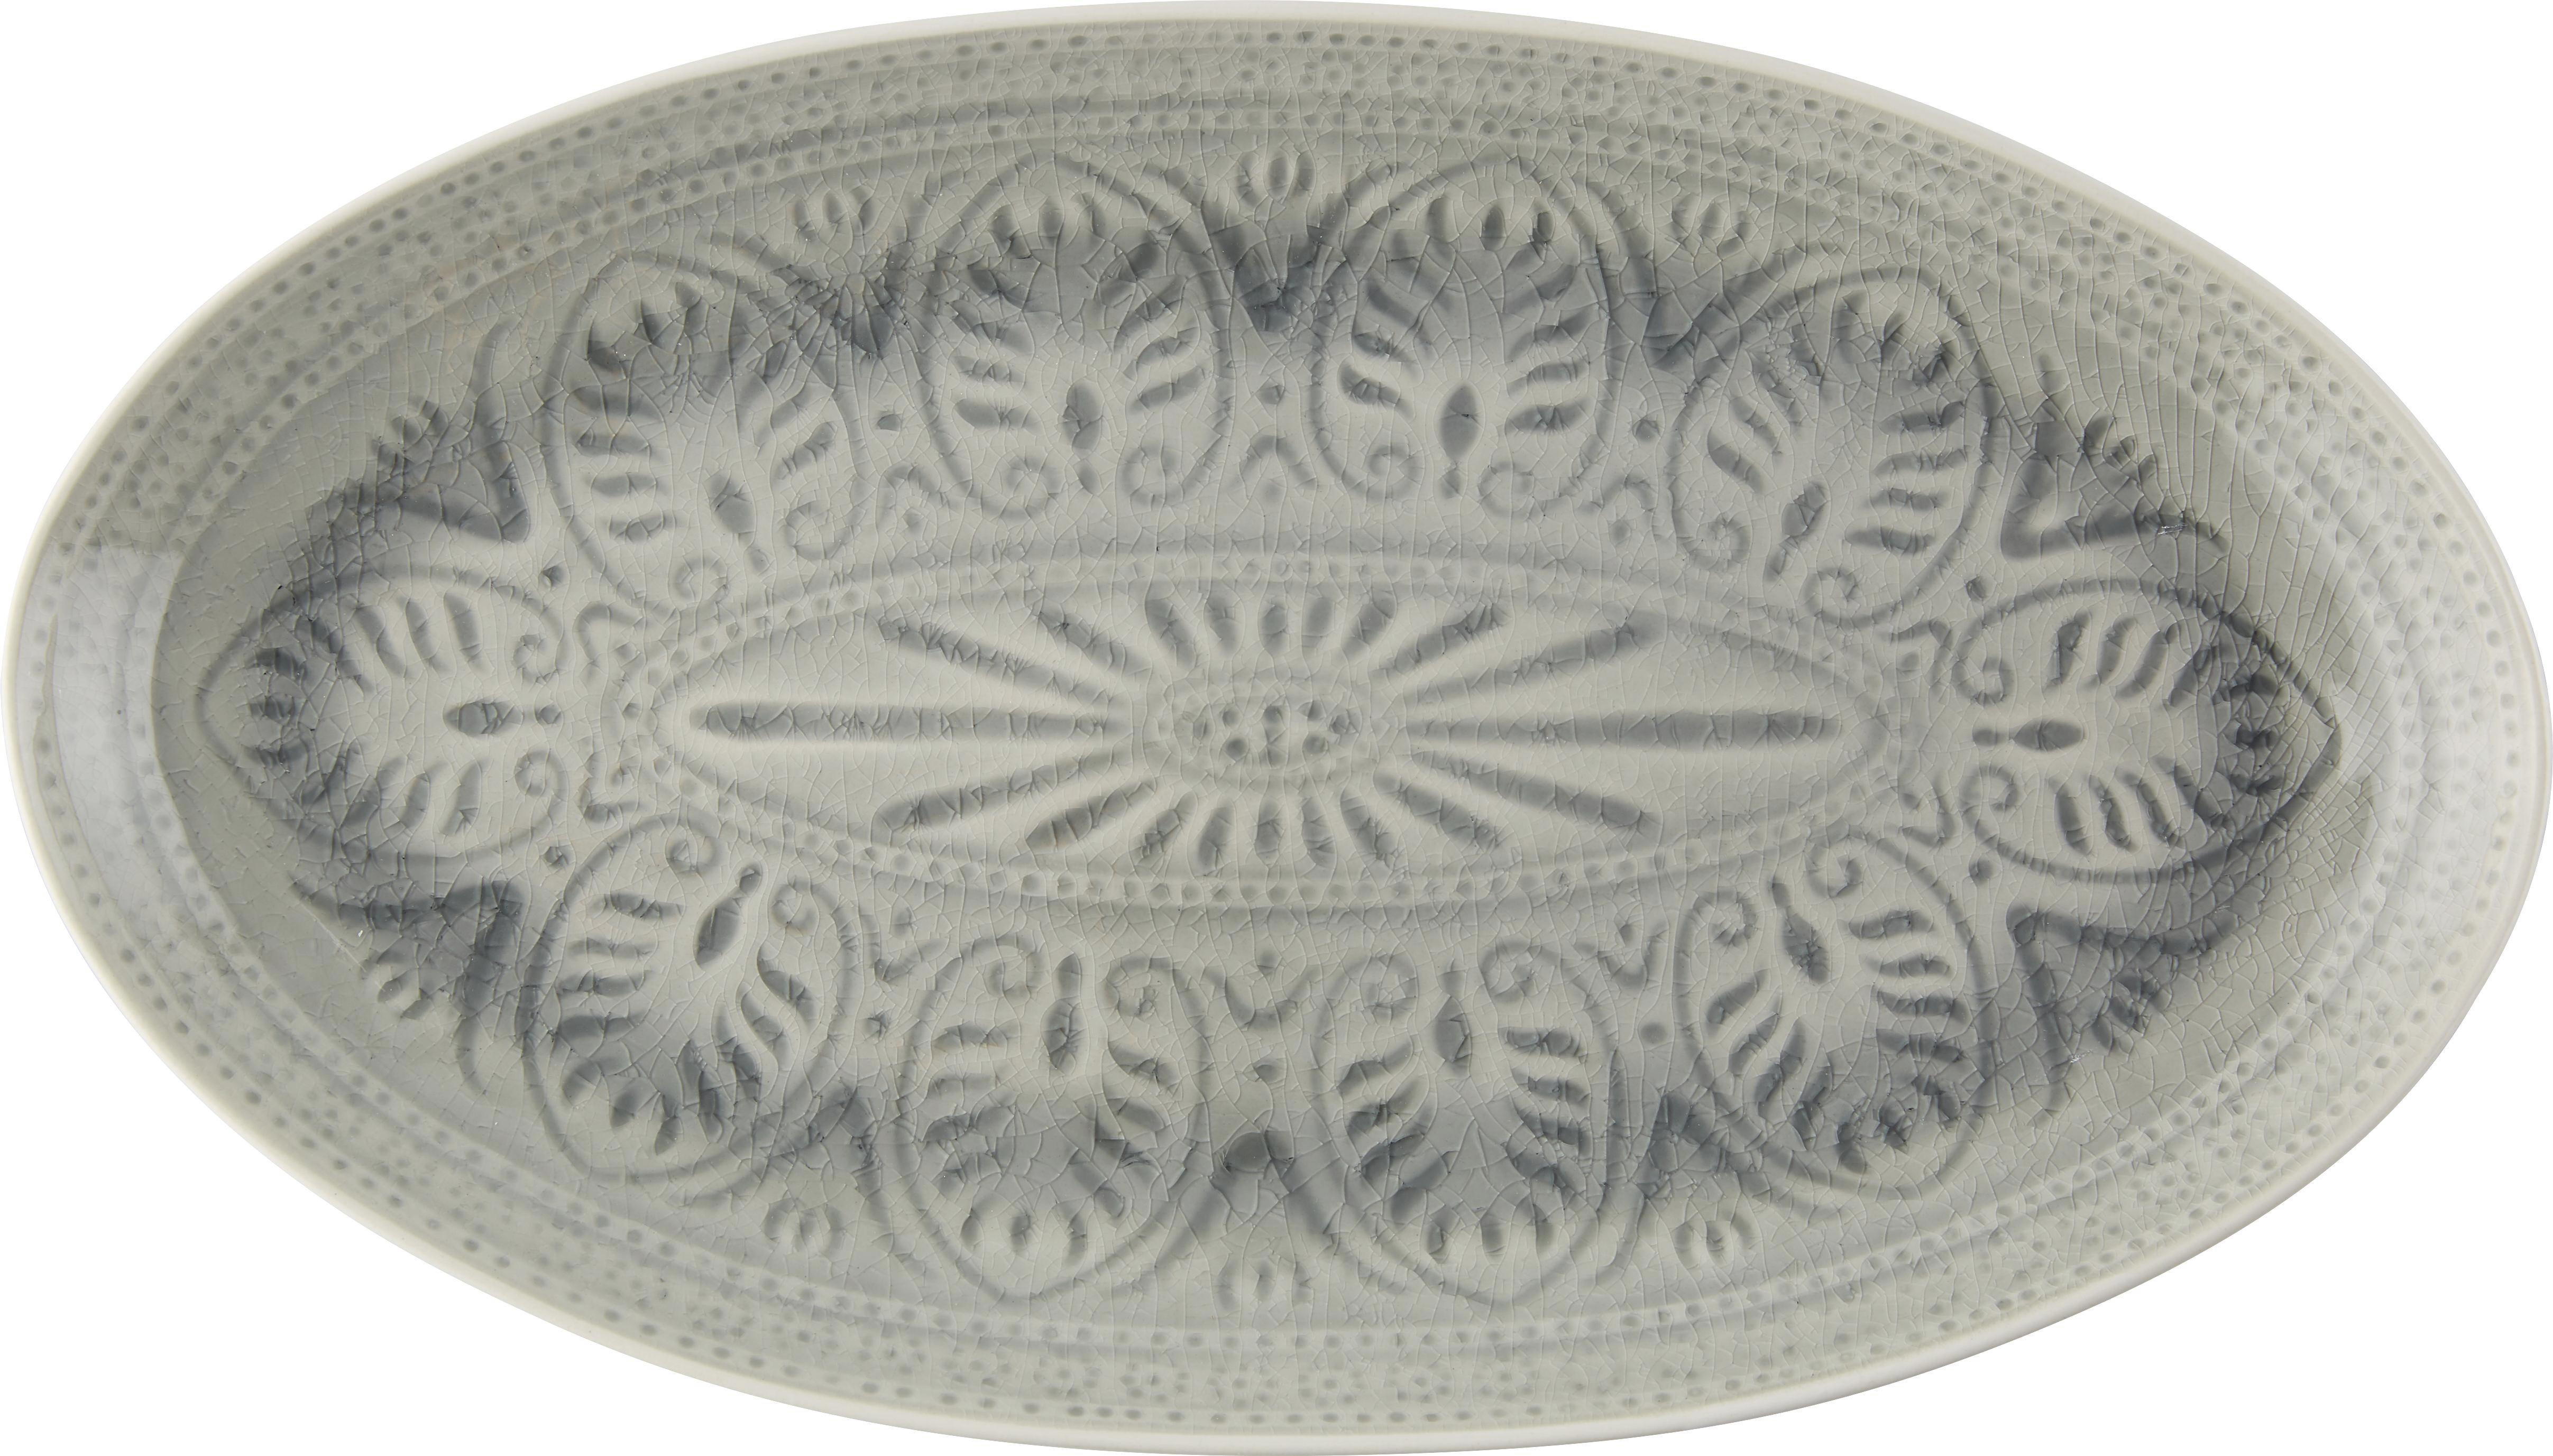 Pladenj Panja - siva/bela, Trendi, keramika (27/8,5cm) - MÖMAX modern living